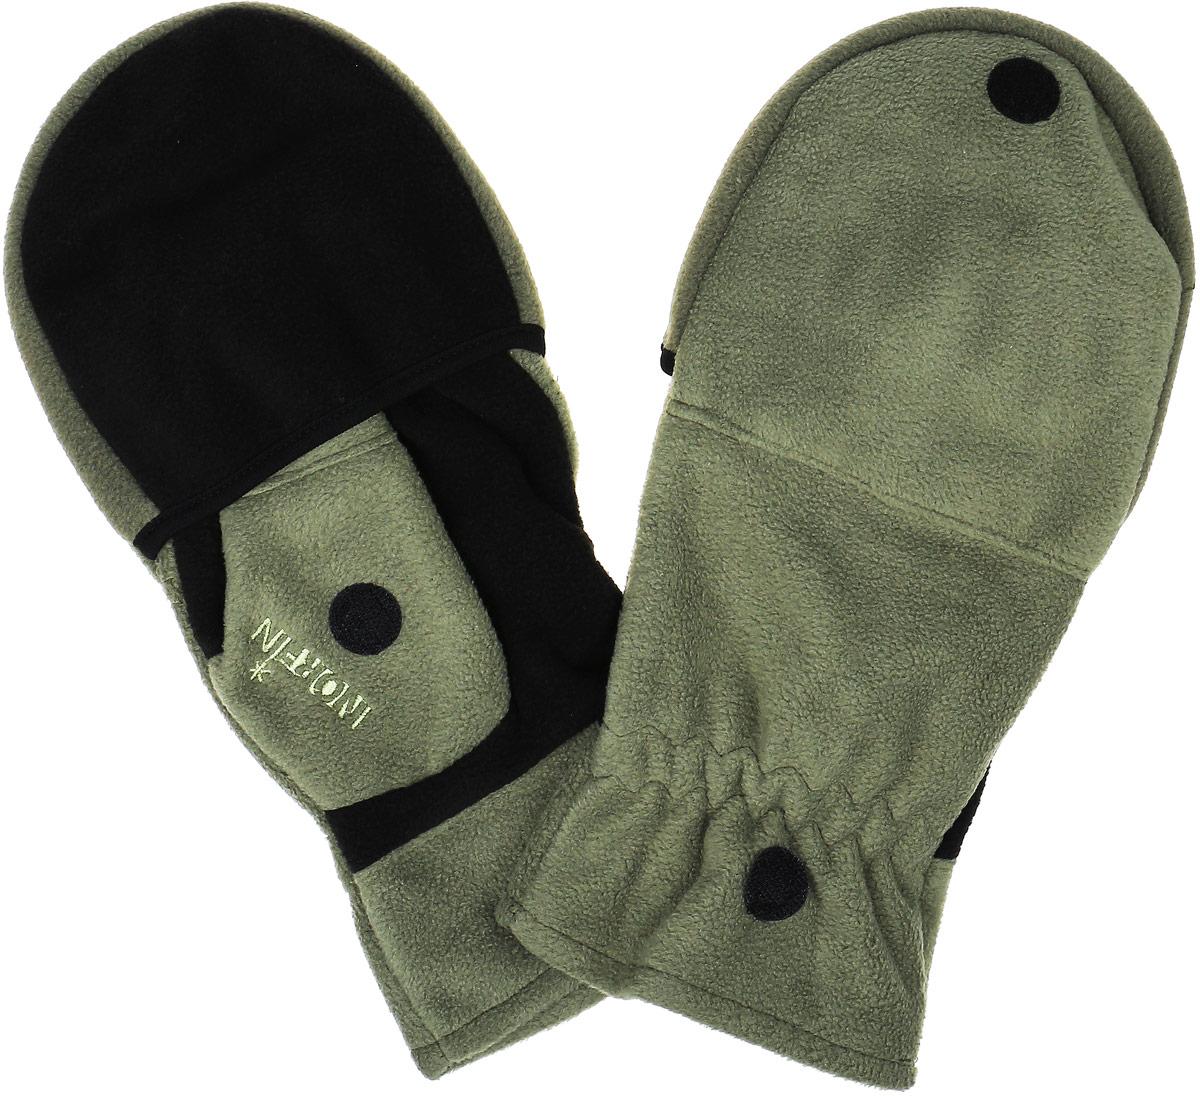 Перчатки-варежки мужские Norfin 73, цвет: зеленый. 701103-L. Размер L (9)701103Перчатки-варежки Norfin 73 защитят ваши руки. Они хорошо сохраняют тепло, мягкие, идеально сидят на руке. Перчатки-варежки выполнены из флиса. Изделие представляет собой перчатки без пальцев, к внешней стороне которых крепится капюшон, накинув его на пальцы, перчатки превращаются в варежки. На большом пальце имеется отверстие. Капюшон фиксируется на перчатке при помощи липучки.